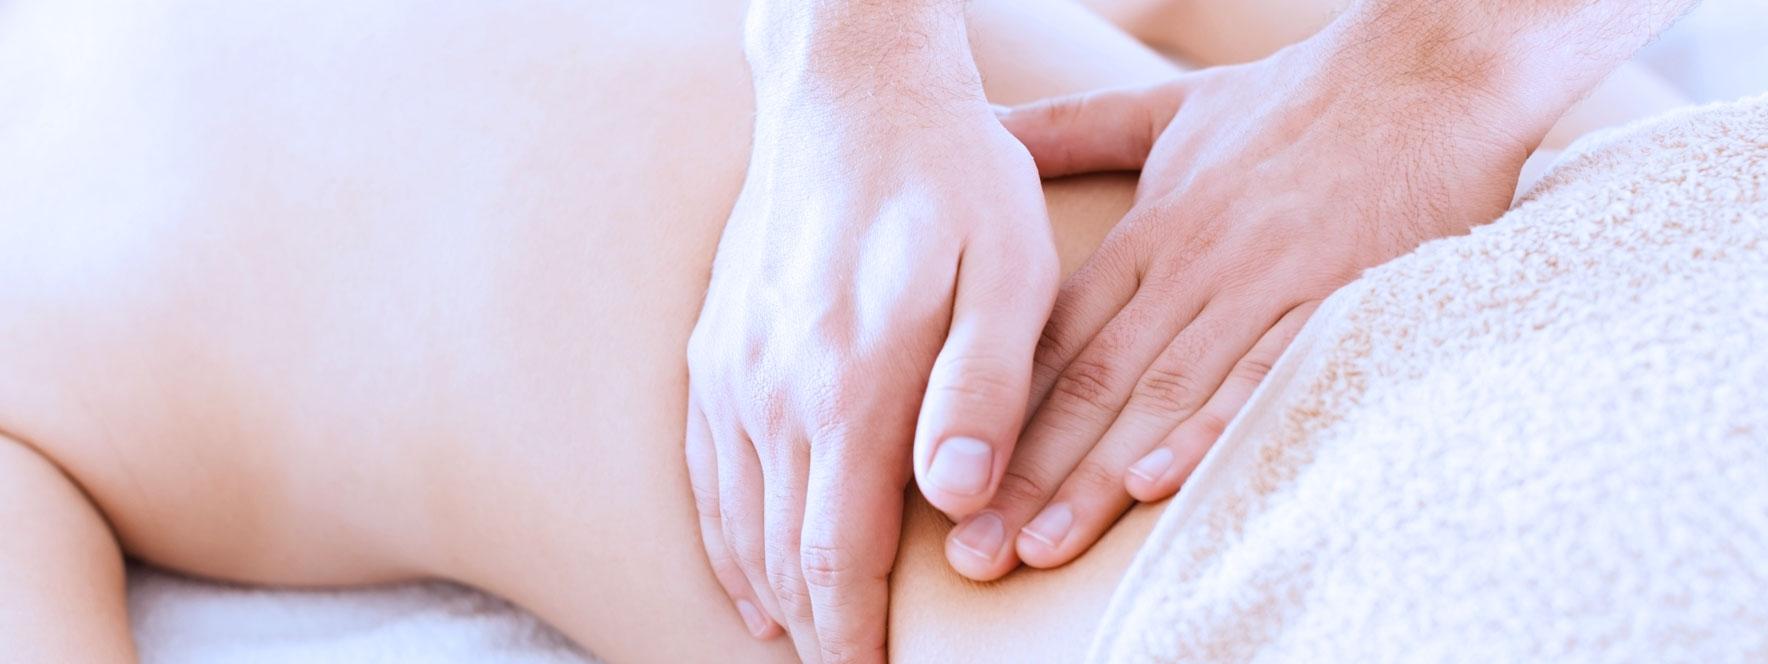 Femme recevant un massage du lombaire améliore les douleurs menstruelles